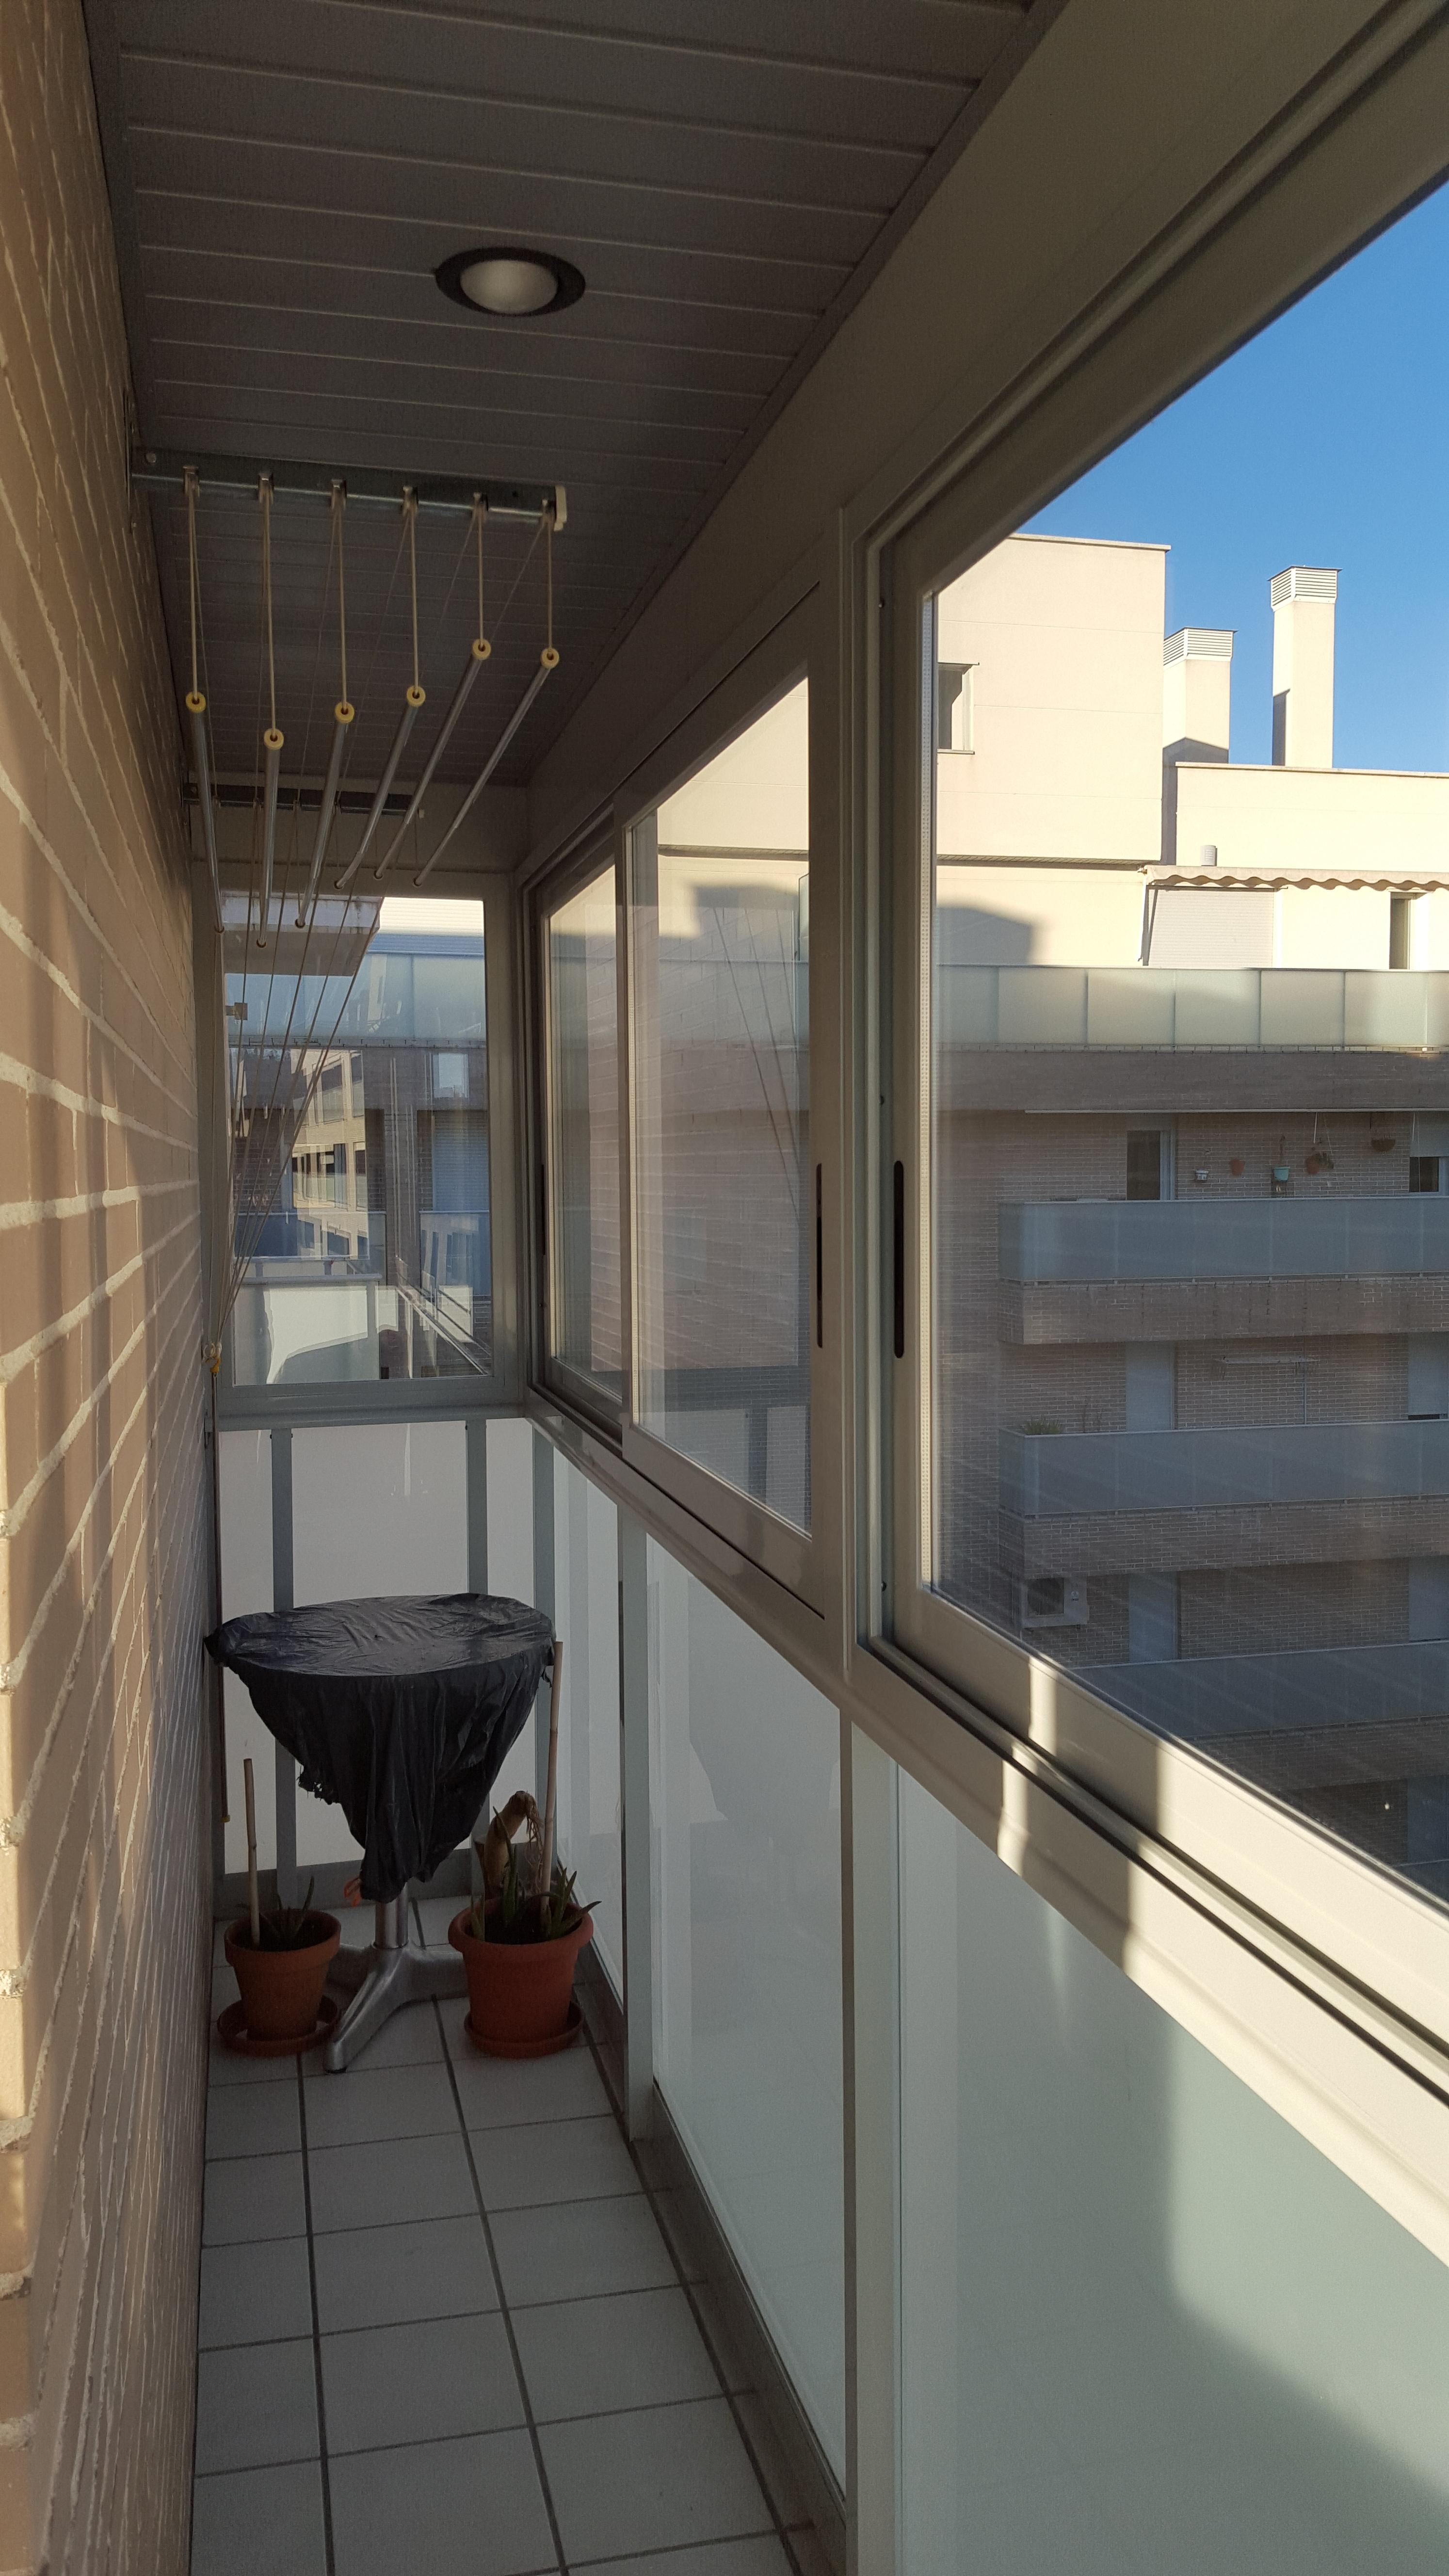 Corredera perimetral 73 talleres usieto - Cerramiento de galerias ...